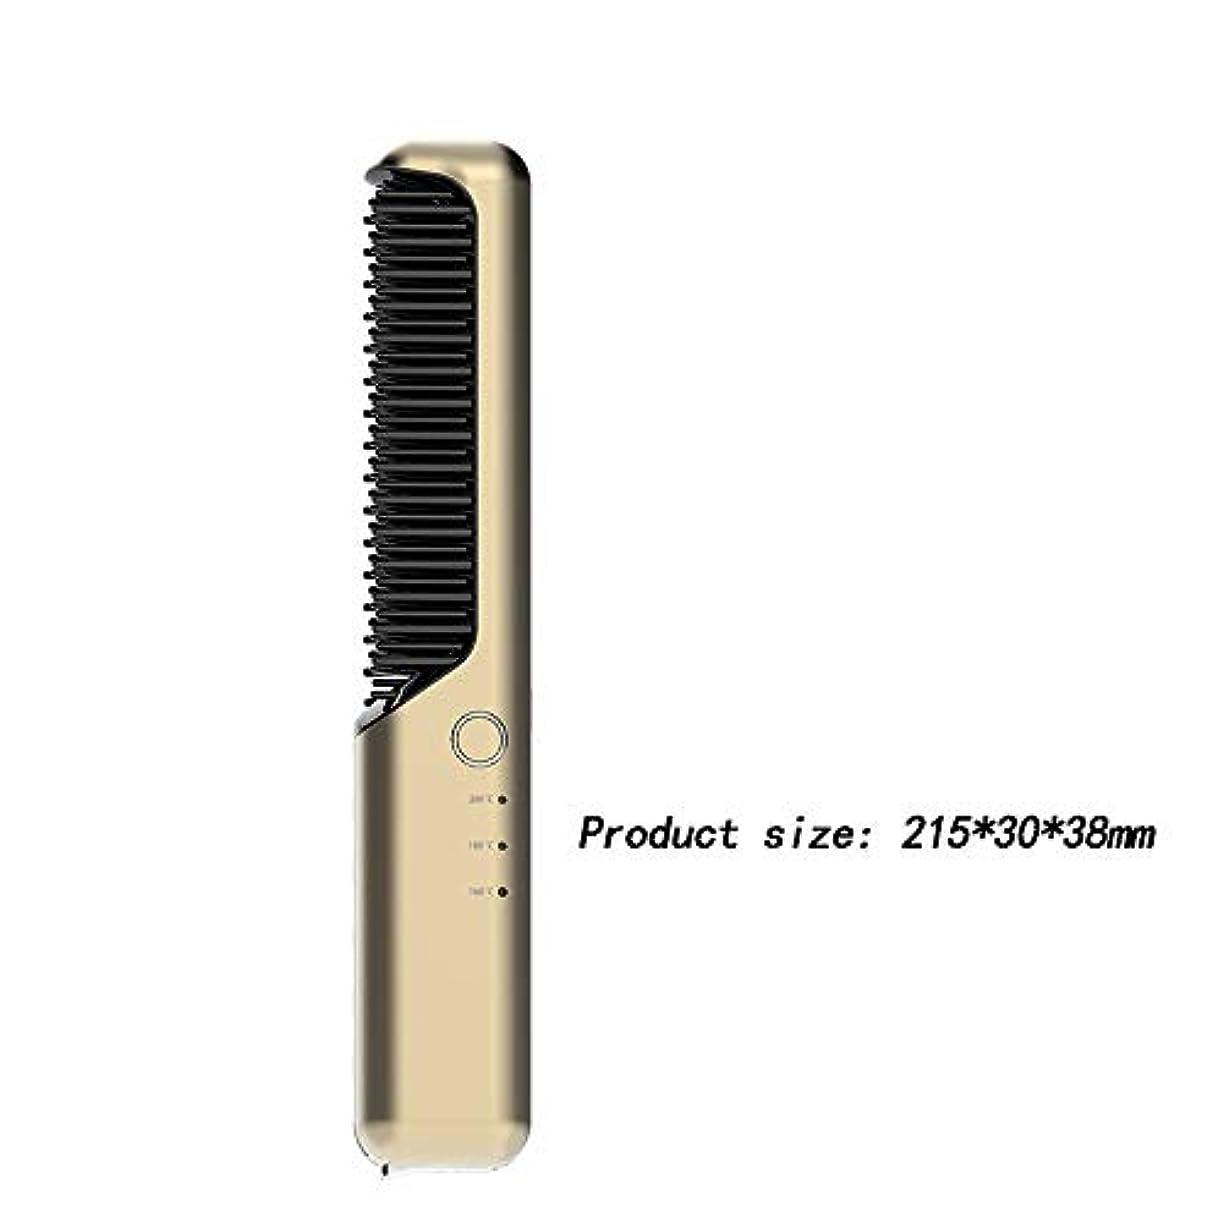 管理ポーズ活力パーソナルケア ワイヤレスポータブルストレート髪のくしインナーバックルデュアル使用エッグロールエレクトリック髪カーラー自動レイジーストレートヘアアイロン